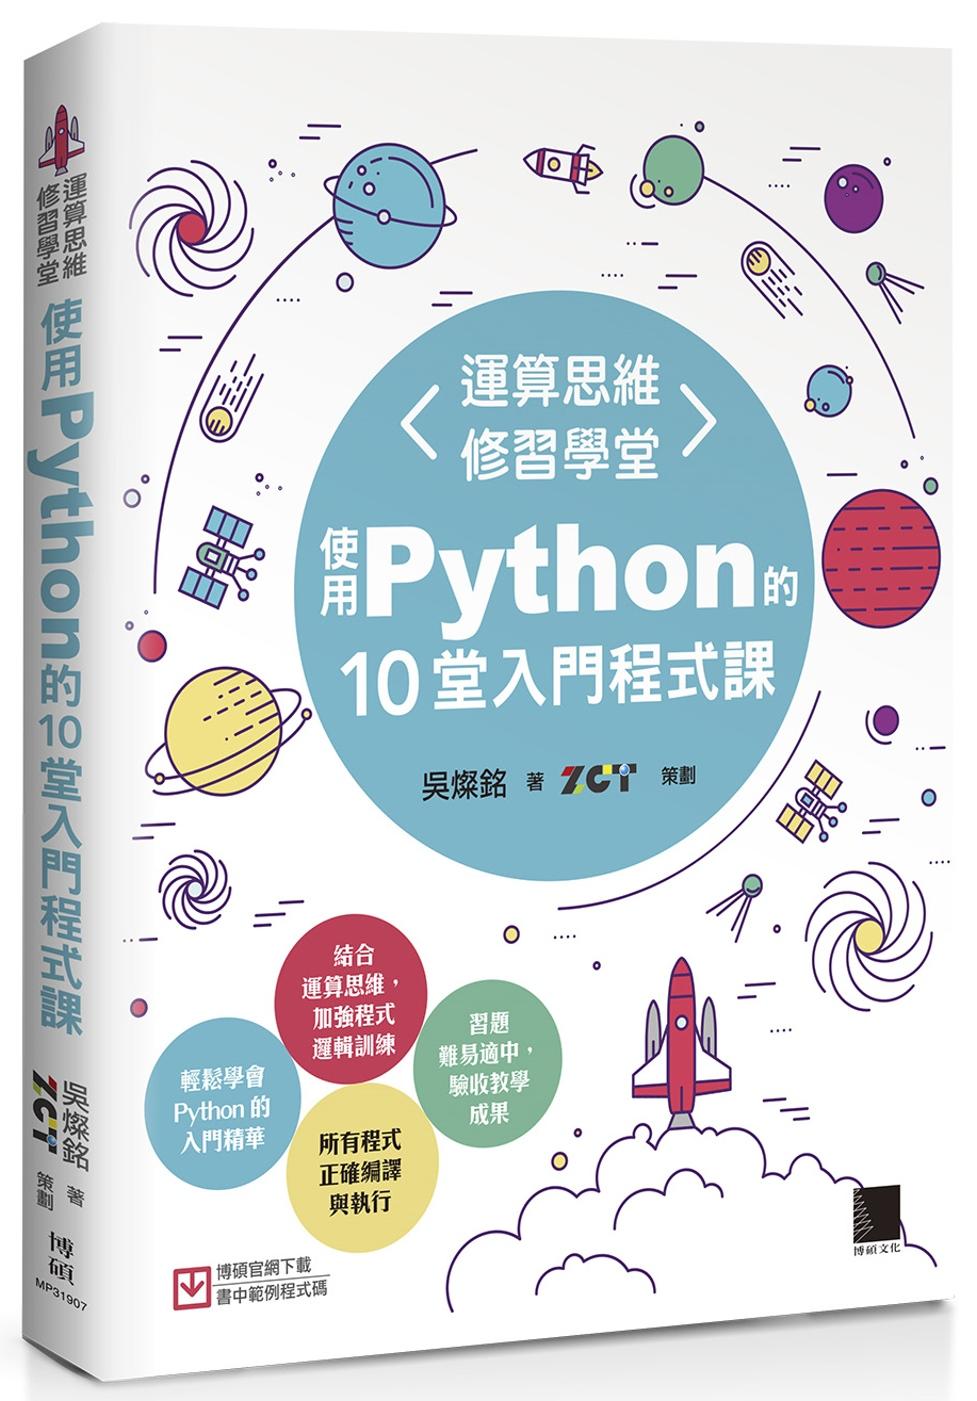 運算思維修習學堂:使用Python的10堂入門程式課